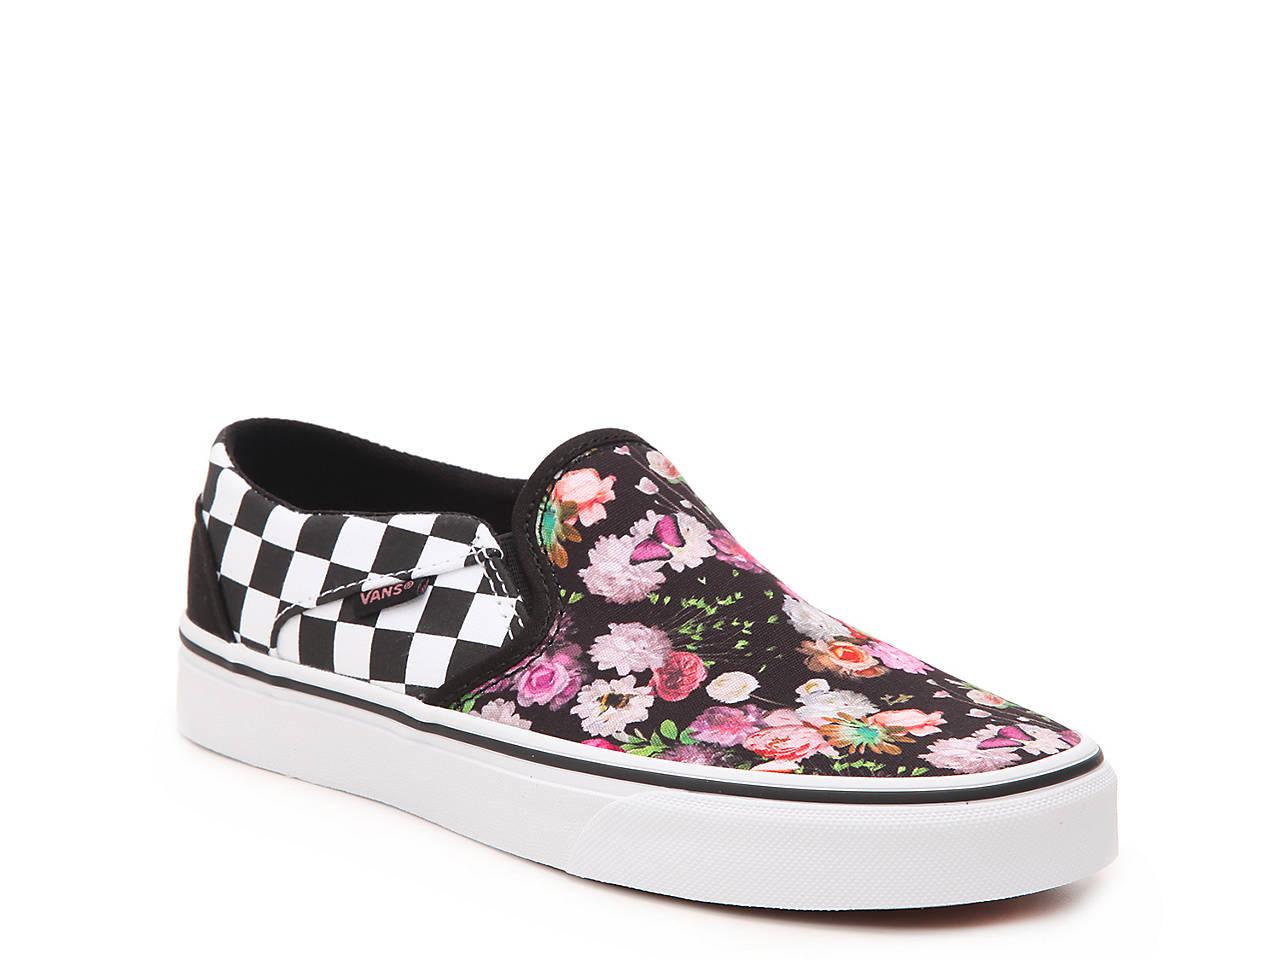 vans asher floral